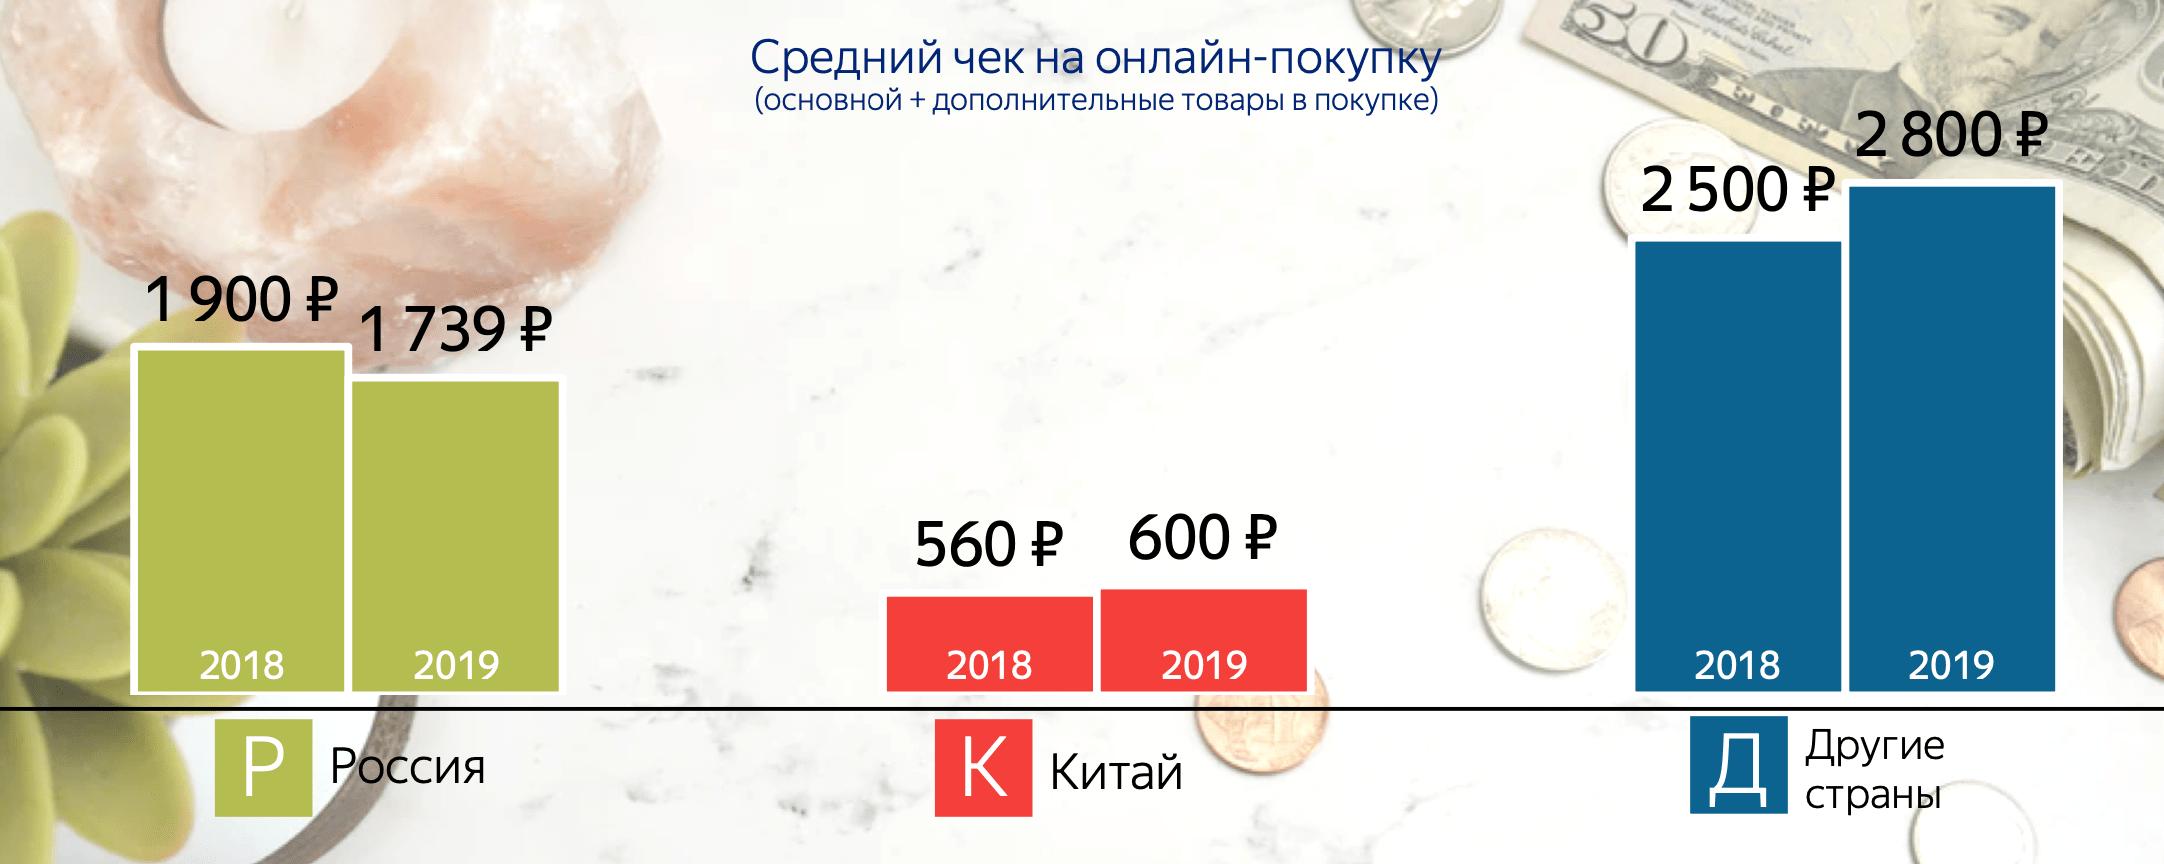 Средние чеки на покупку по годам и по региону магазина